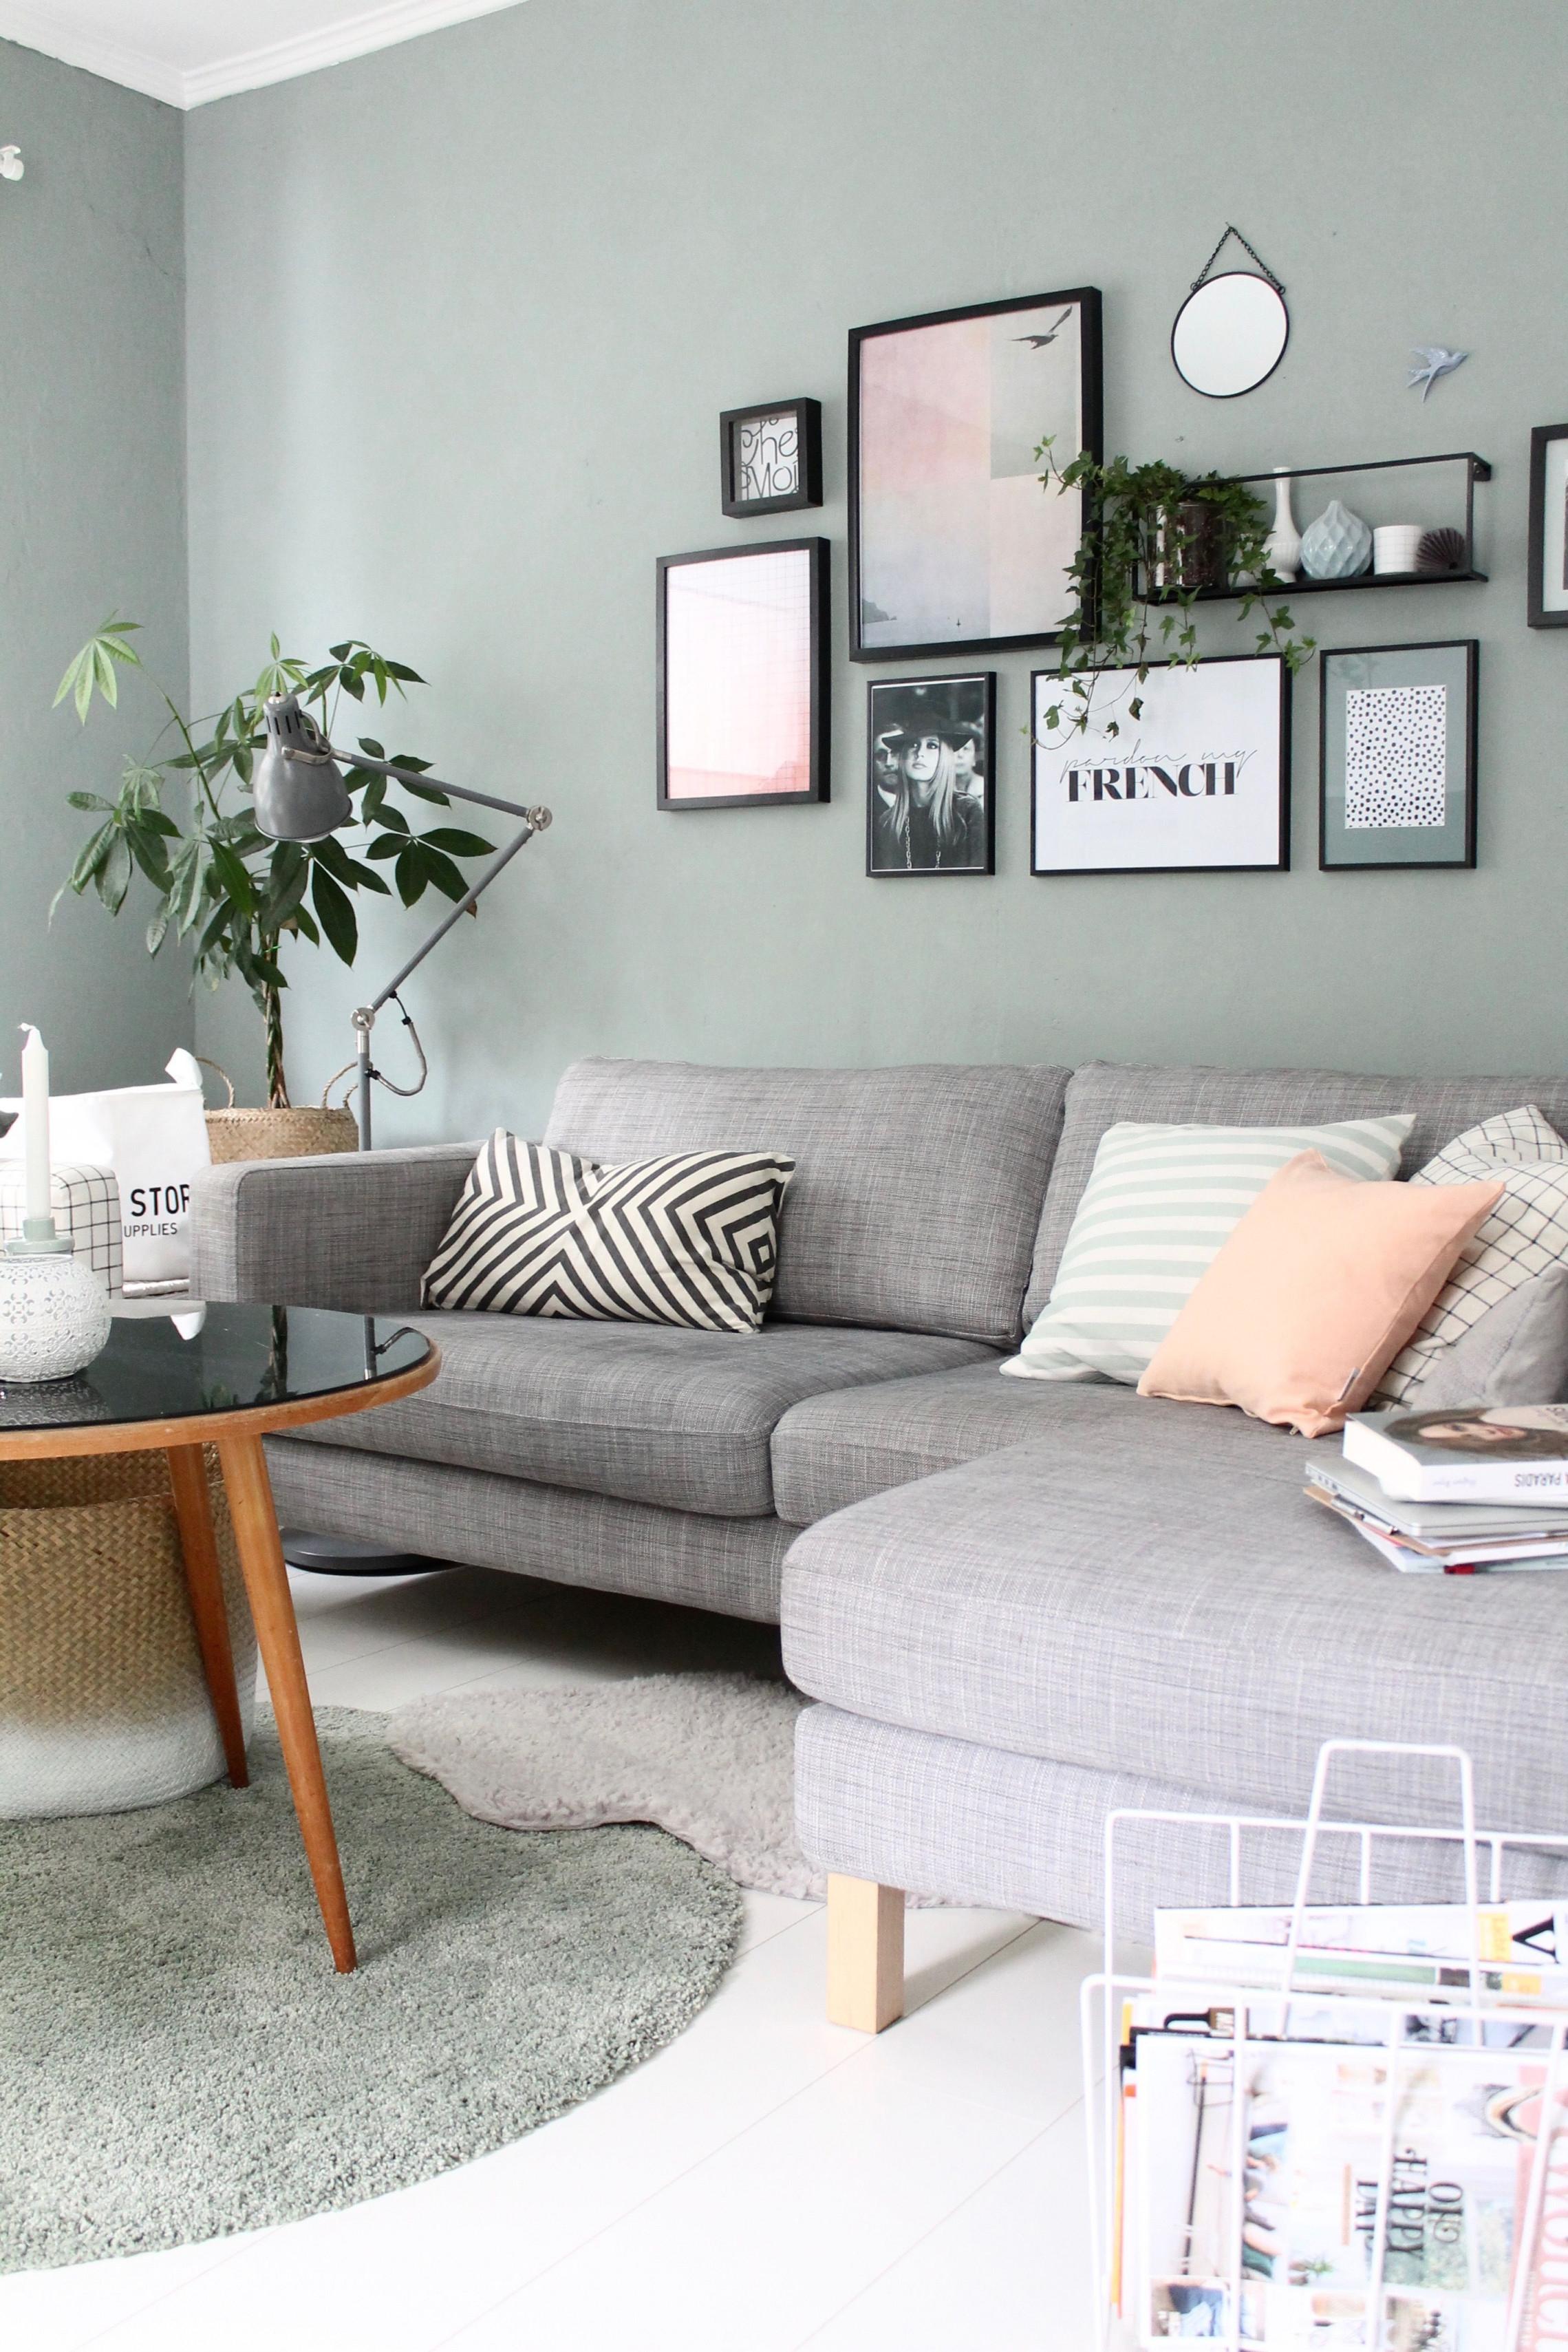 Eine Sanfte Wandfarbe Im Wohnzimmer Wwwkolorat Kolorat von Wandfarben Ideen Wohnzimmer Photo